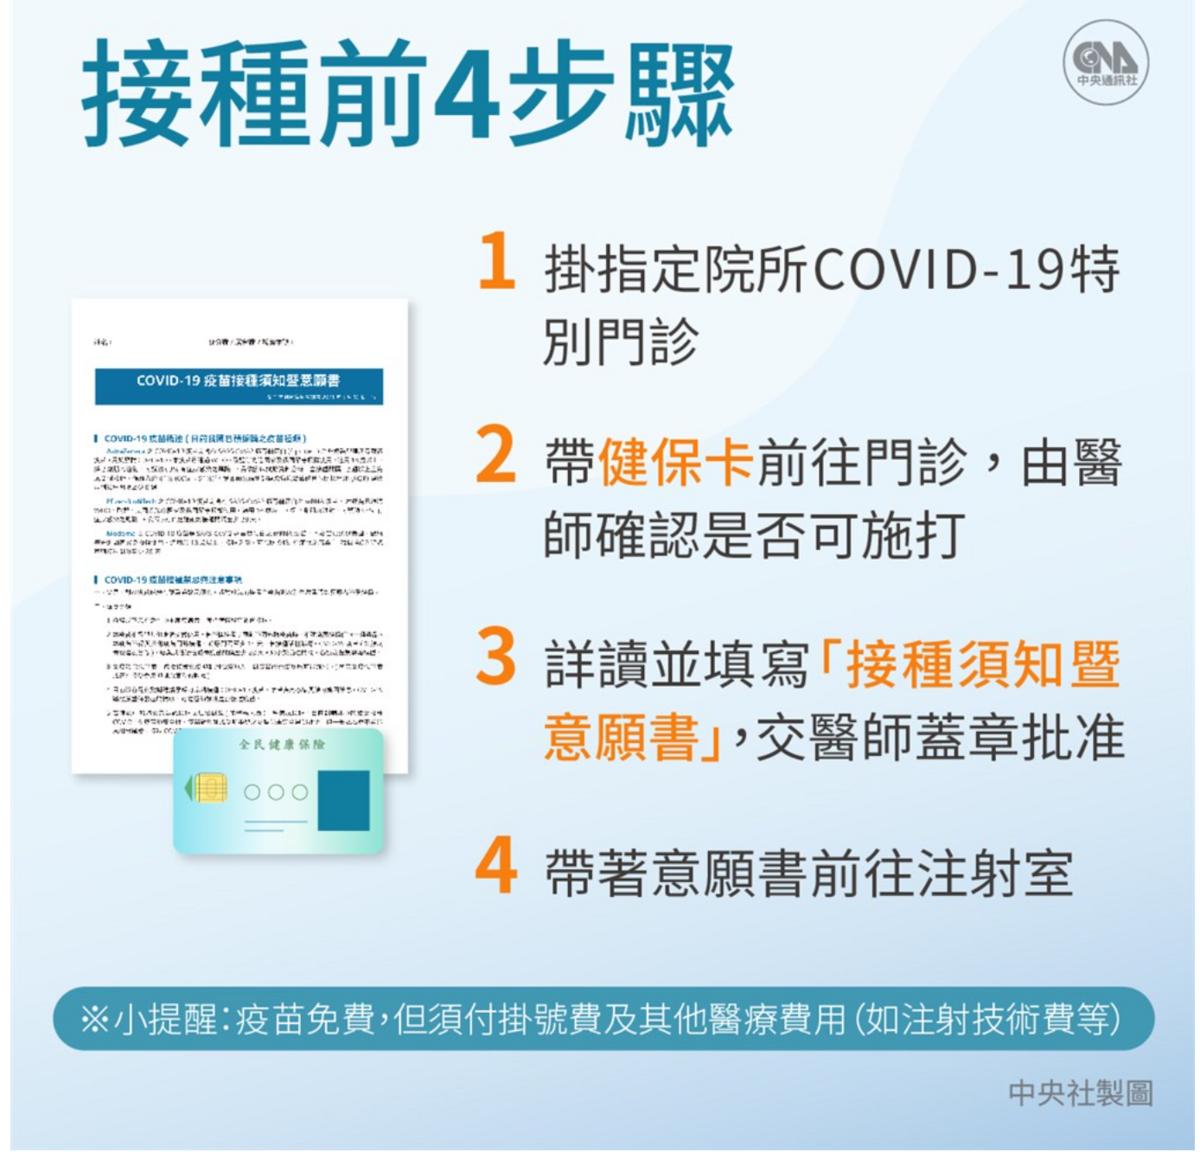 COVID-19新冠肺炎疫苗自費接種預約,施打醫院列表